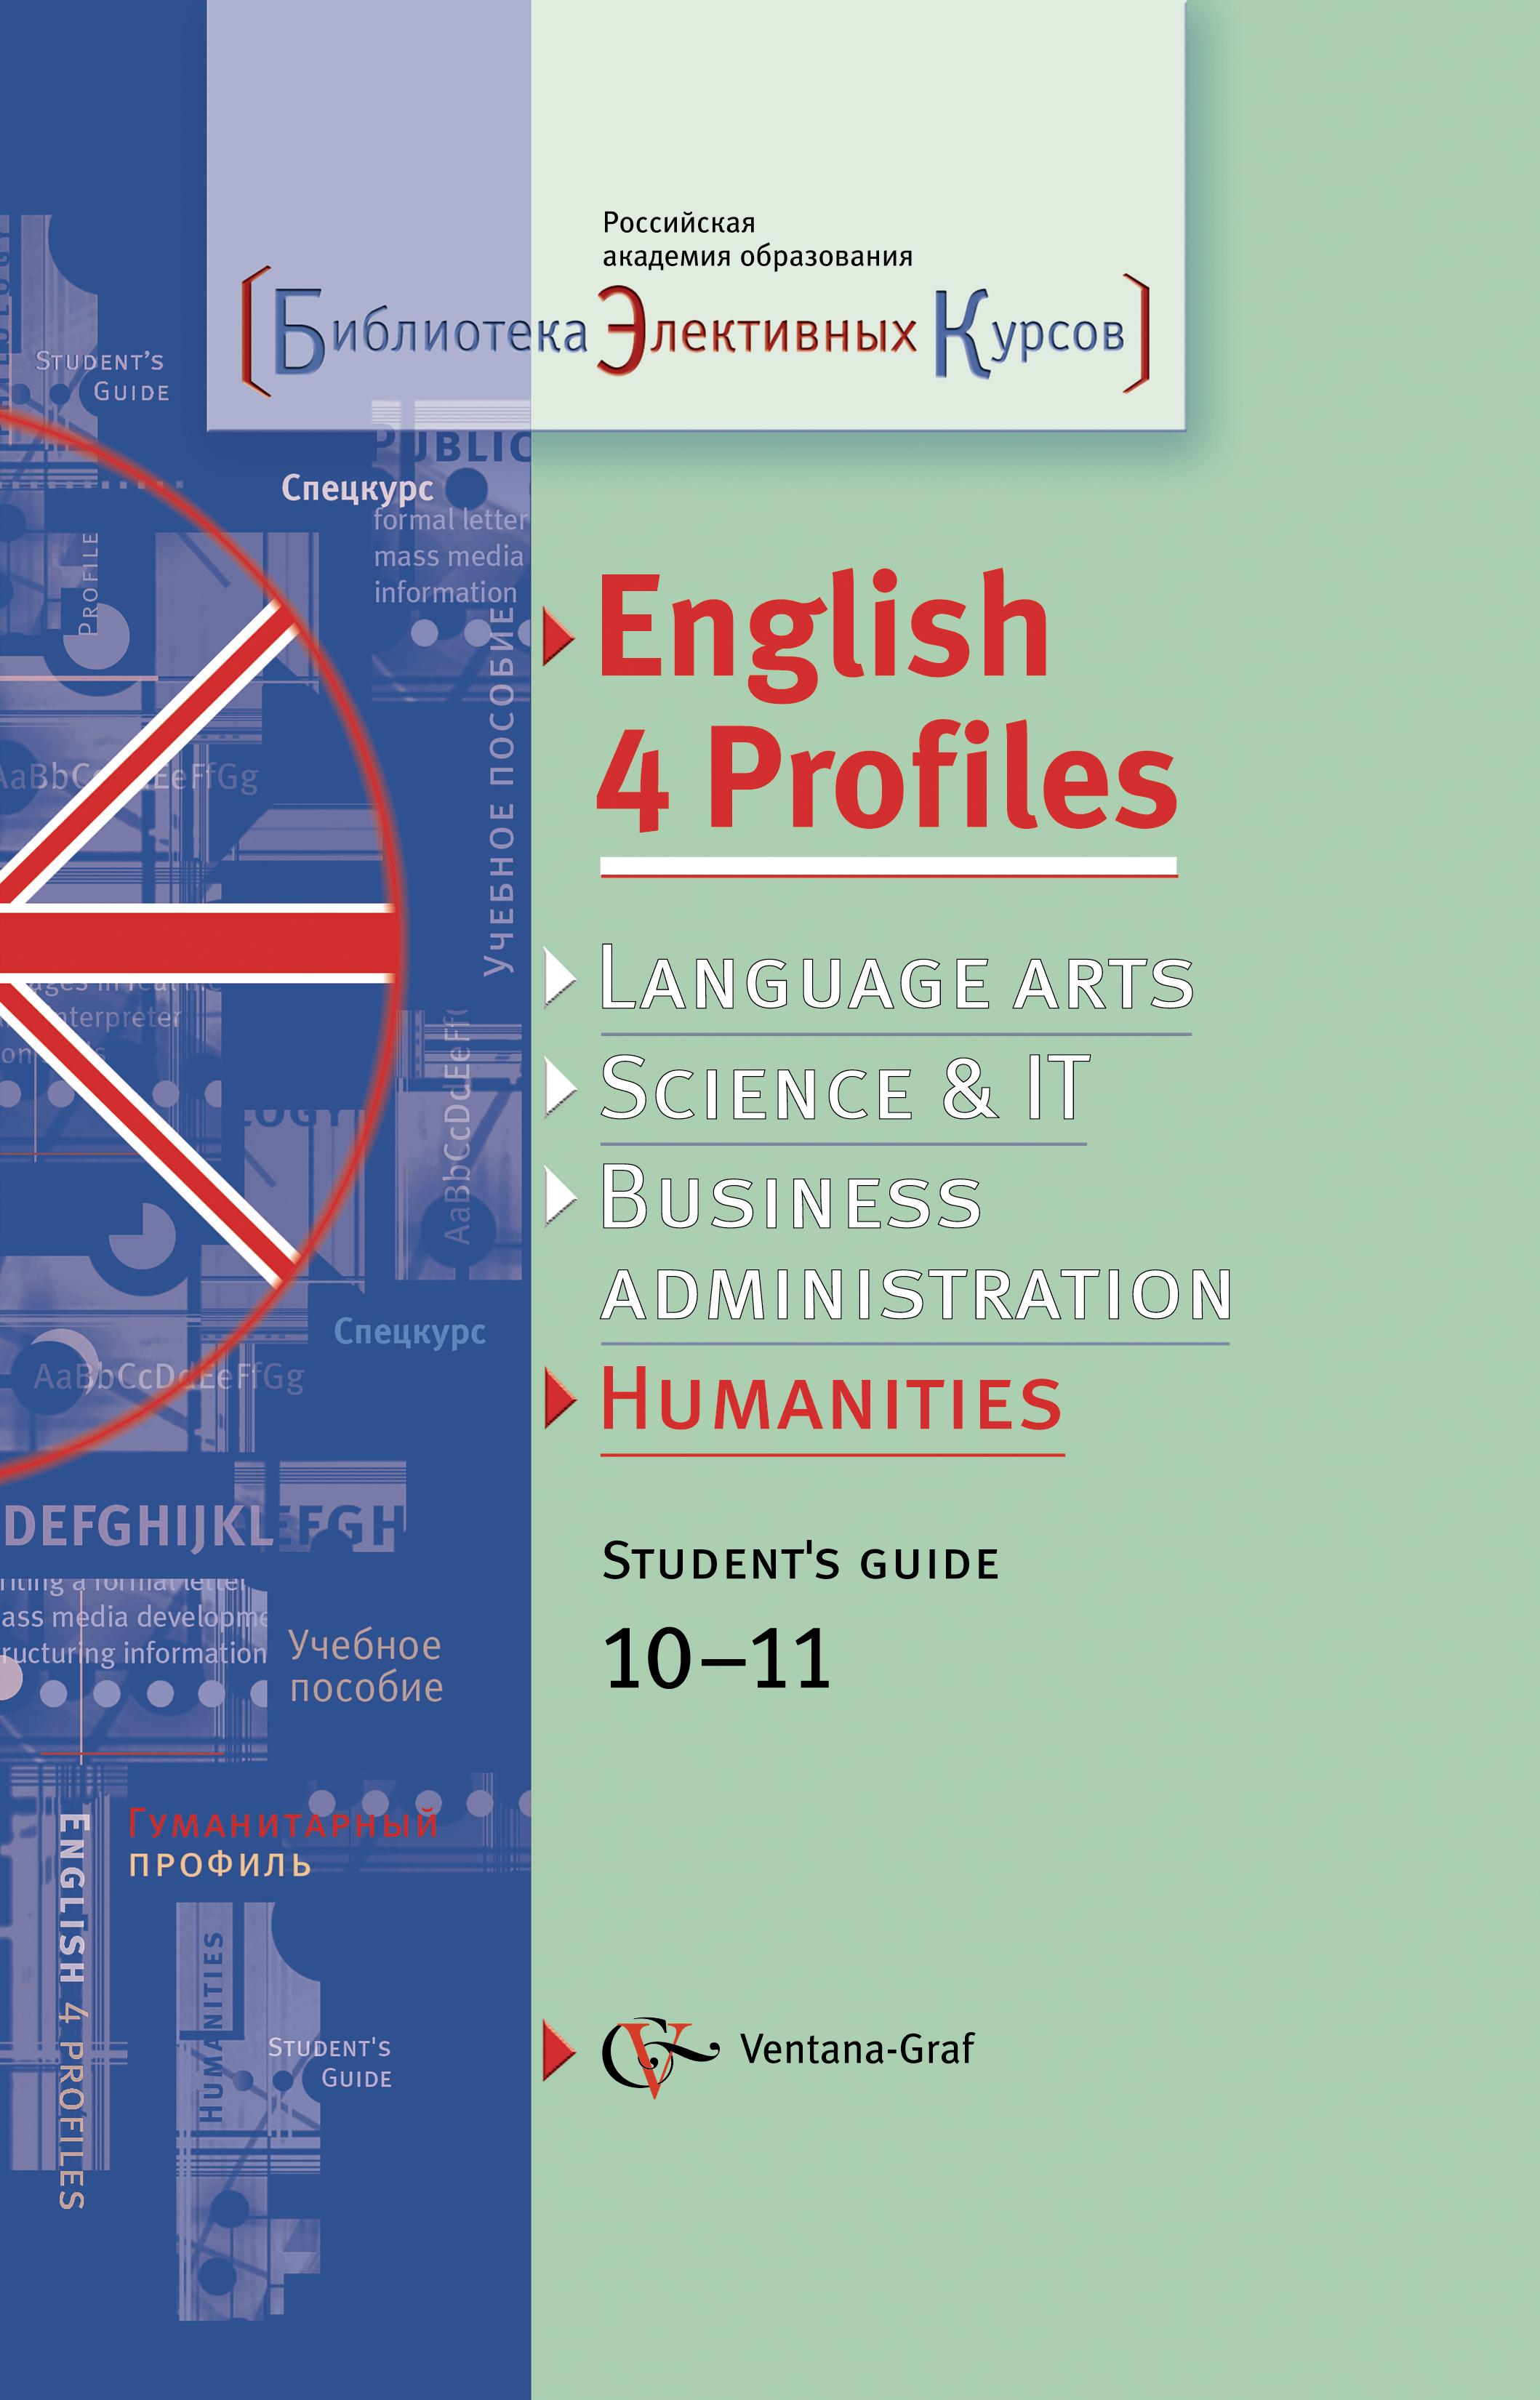 English 4 Profiles: Английский для гуманитарного профиля. 10-11кл. Учебное пособие с аудиоприложением. Изд.1